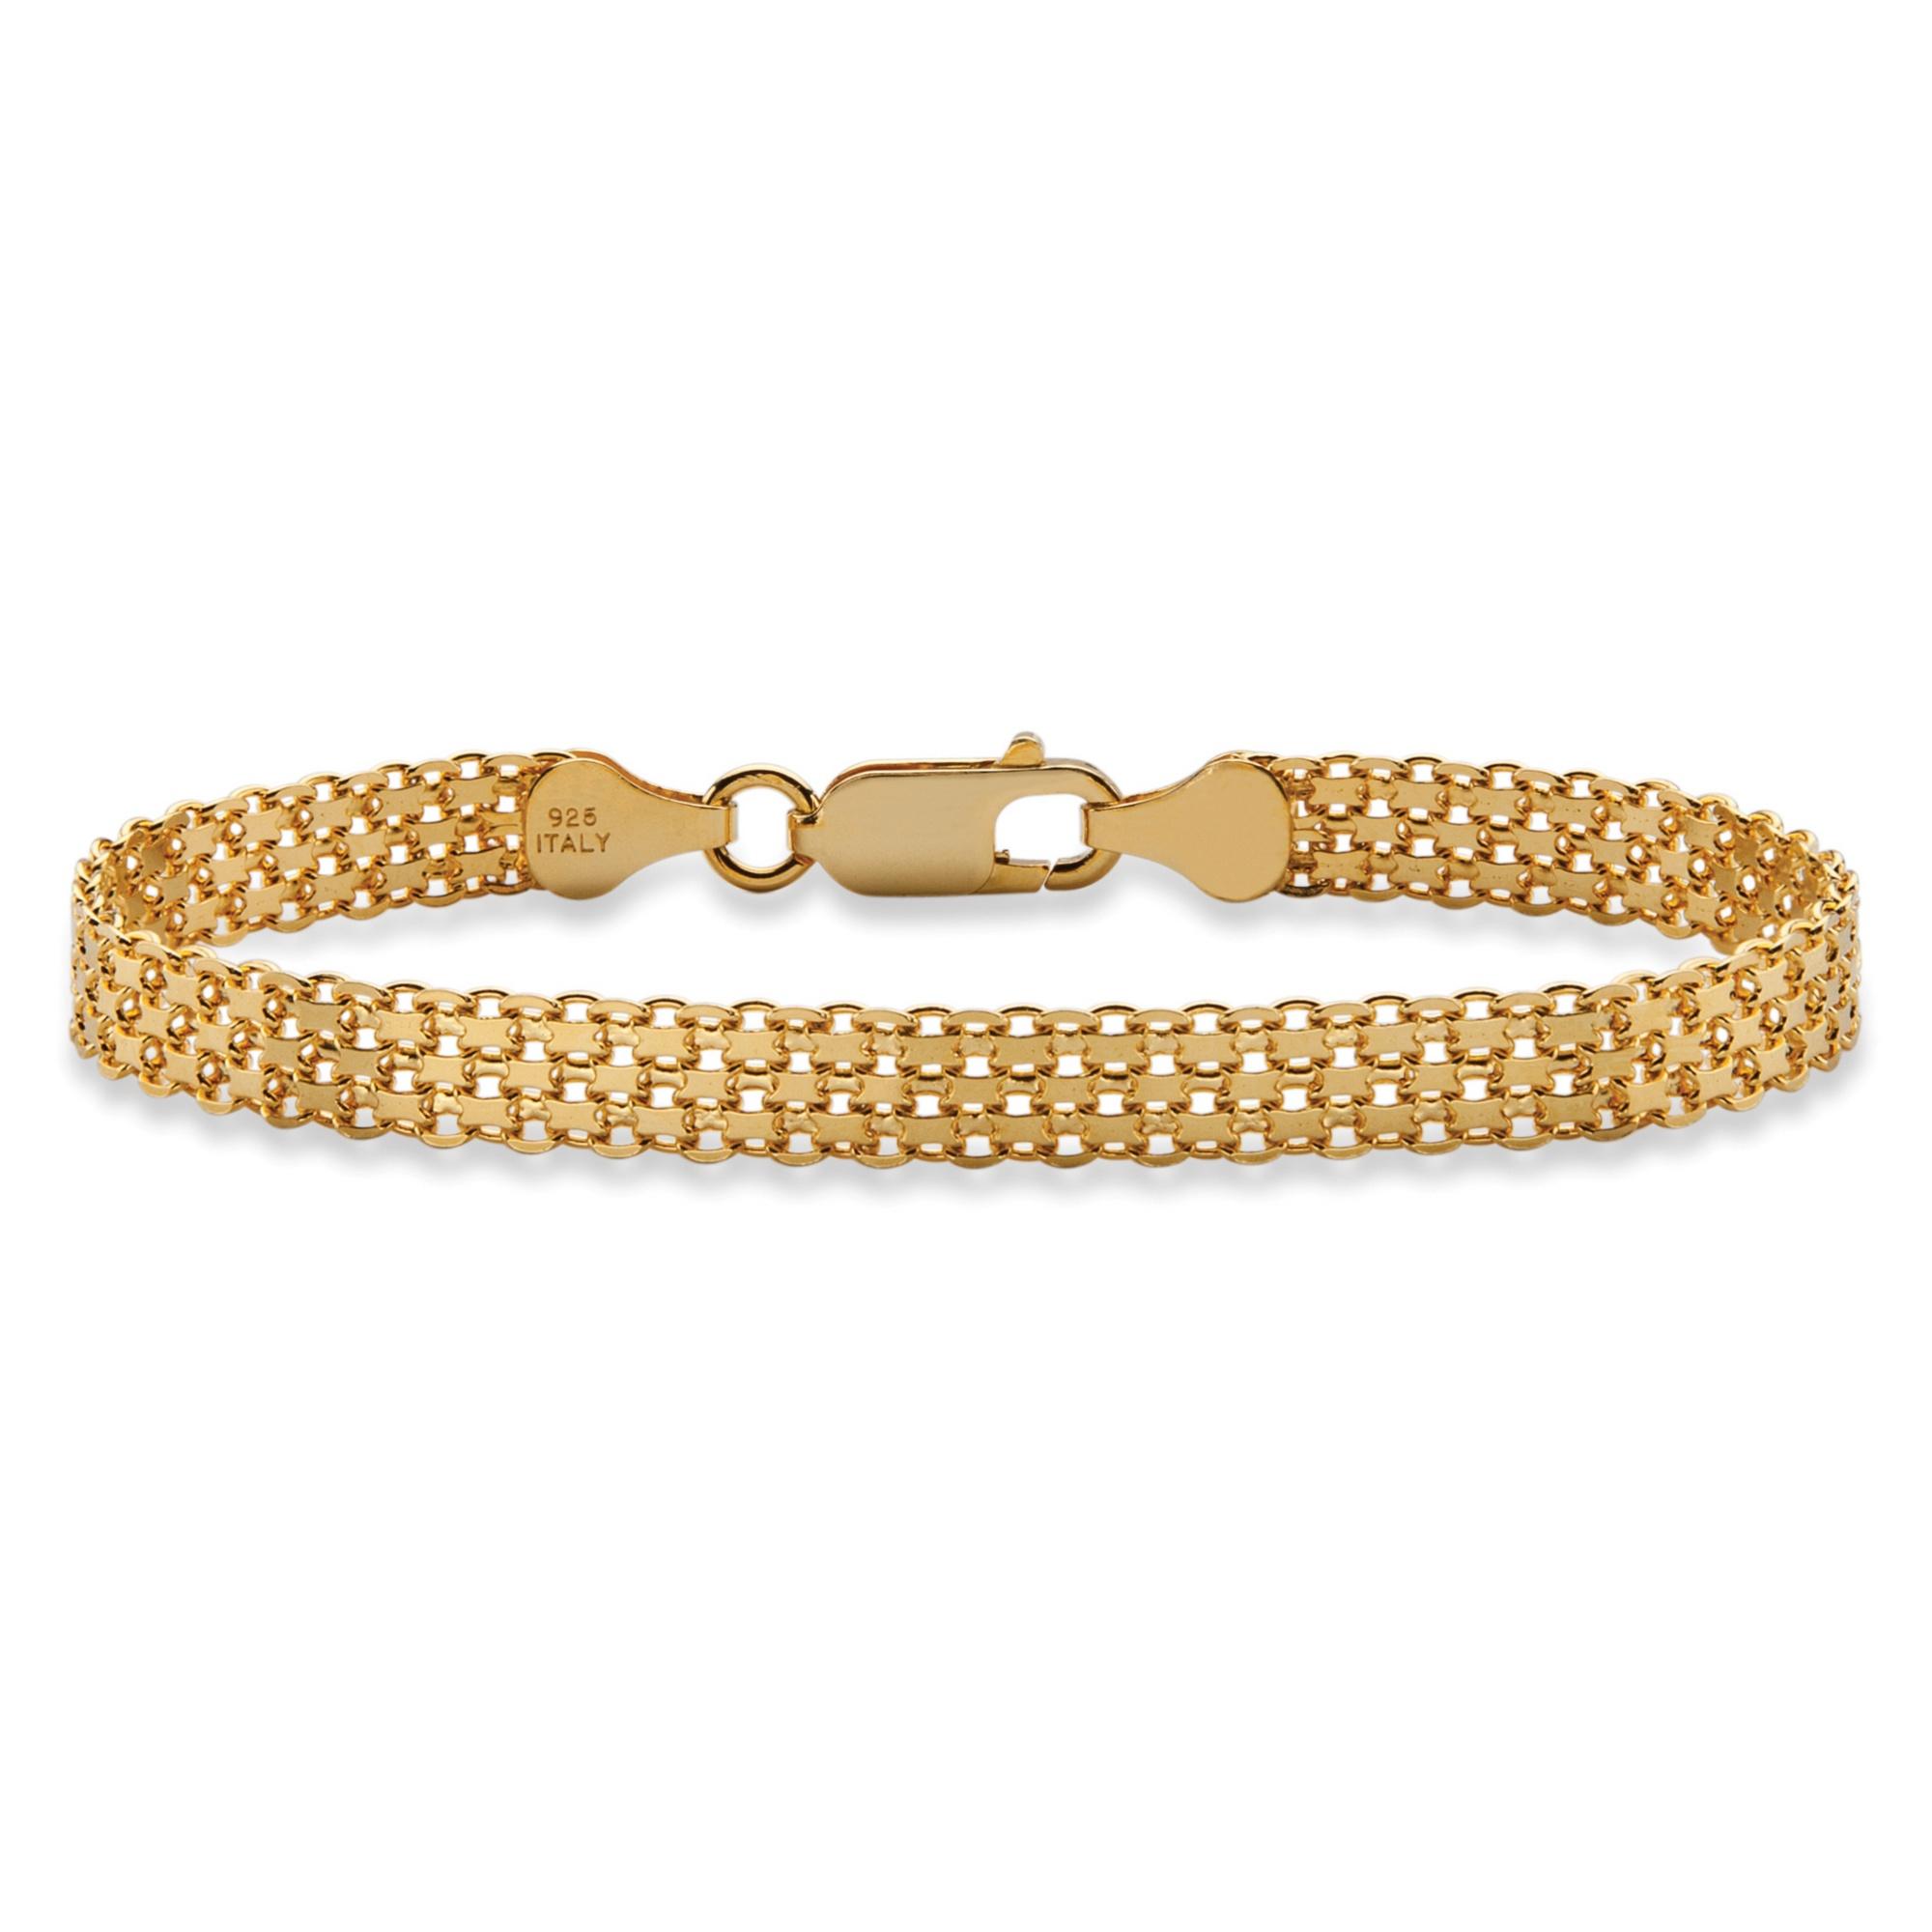 Gold And Silver Bracelets: Bismark-Link Bracelet In 14k Gold Over Sterling Silver 7